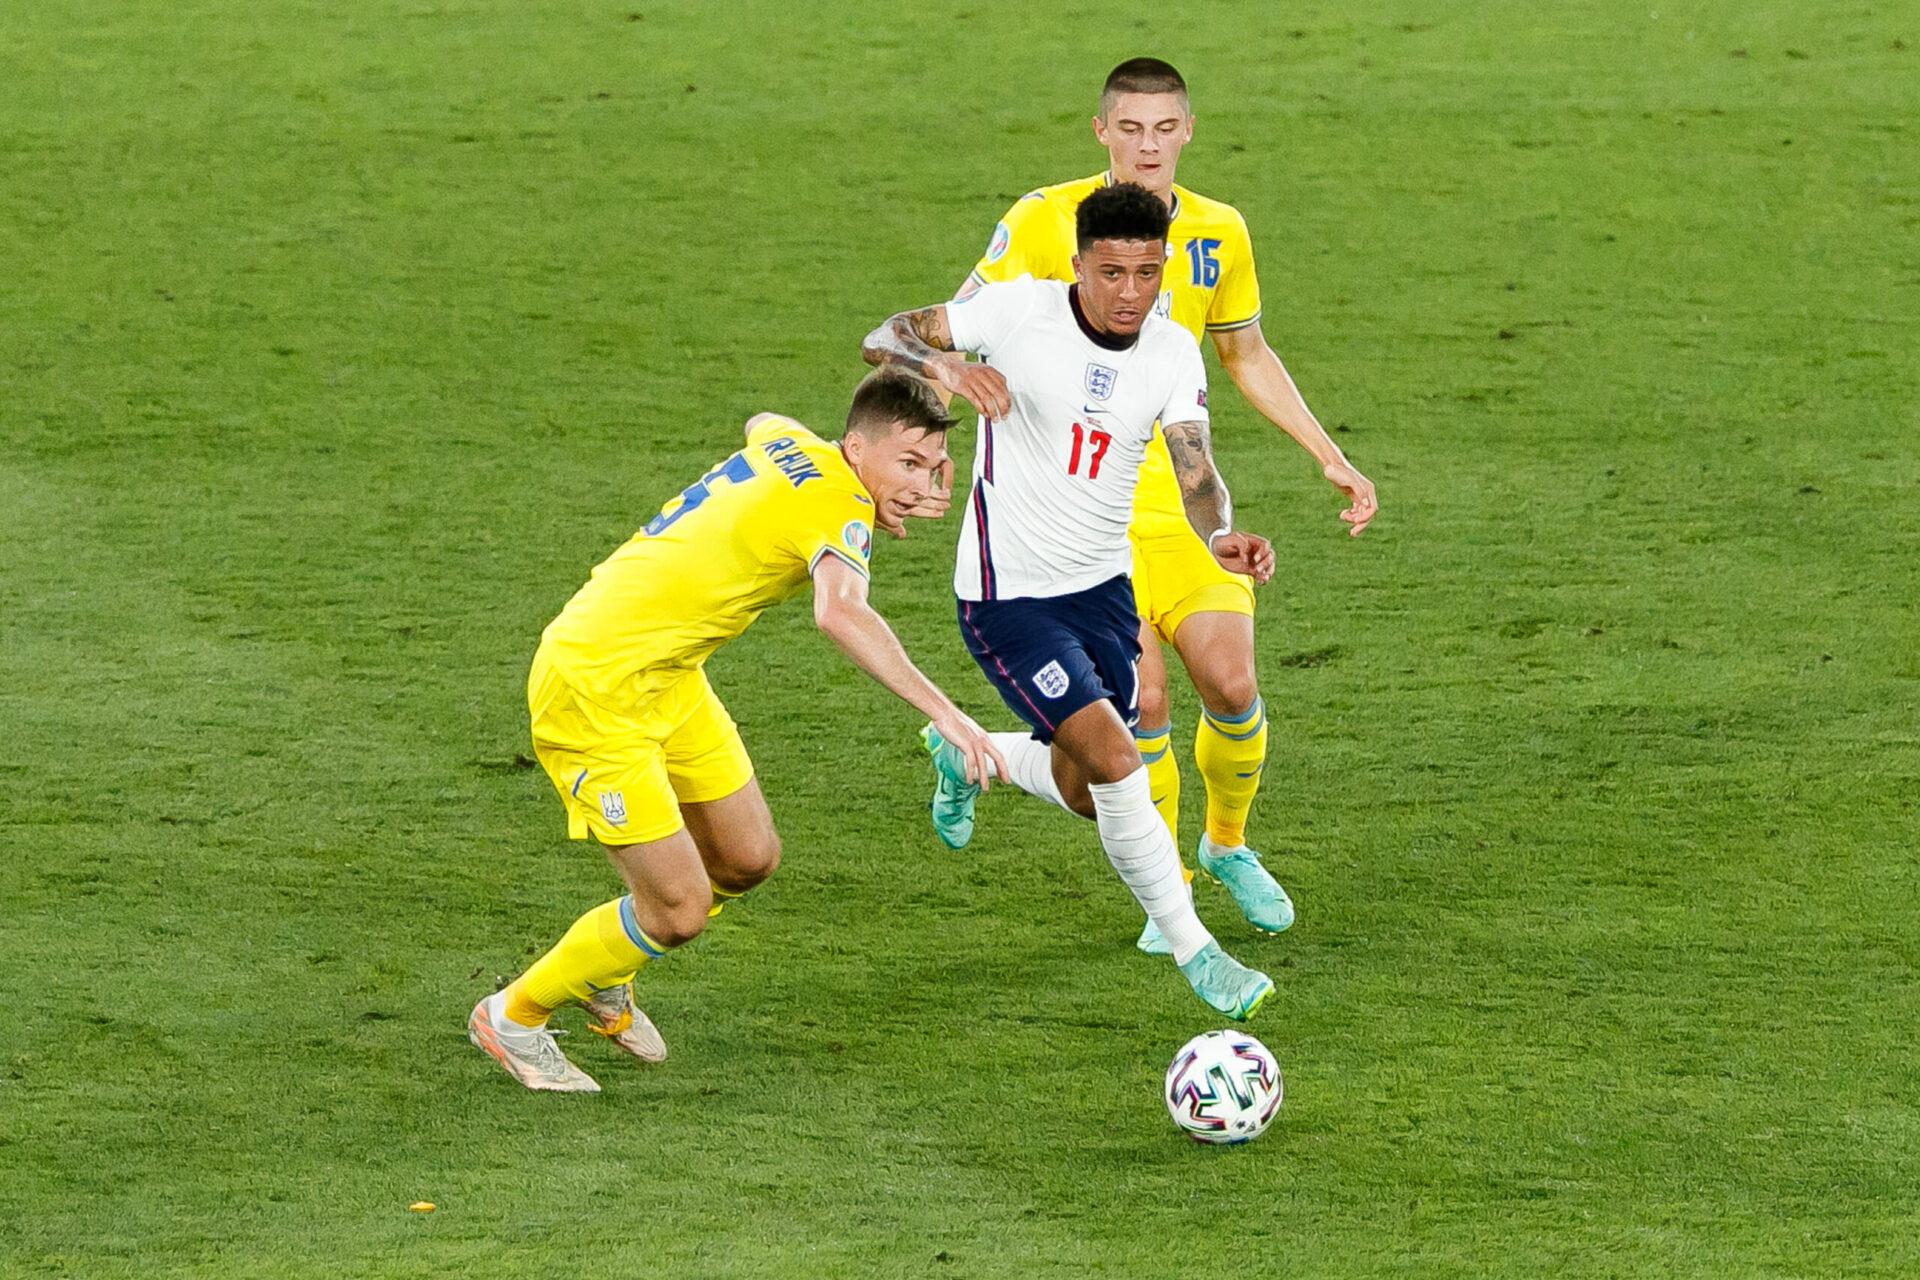 Finaliste de l'Euro avec l'Angleterre, Jadon Sancho retrouve son pays d'origine et va découvrir la Premier League (iconsport)